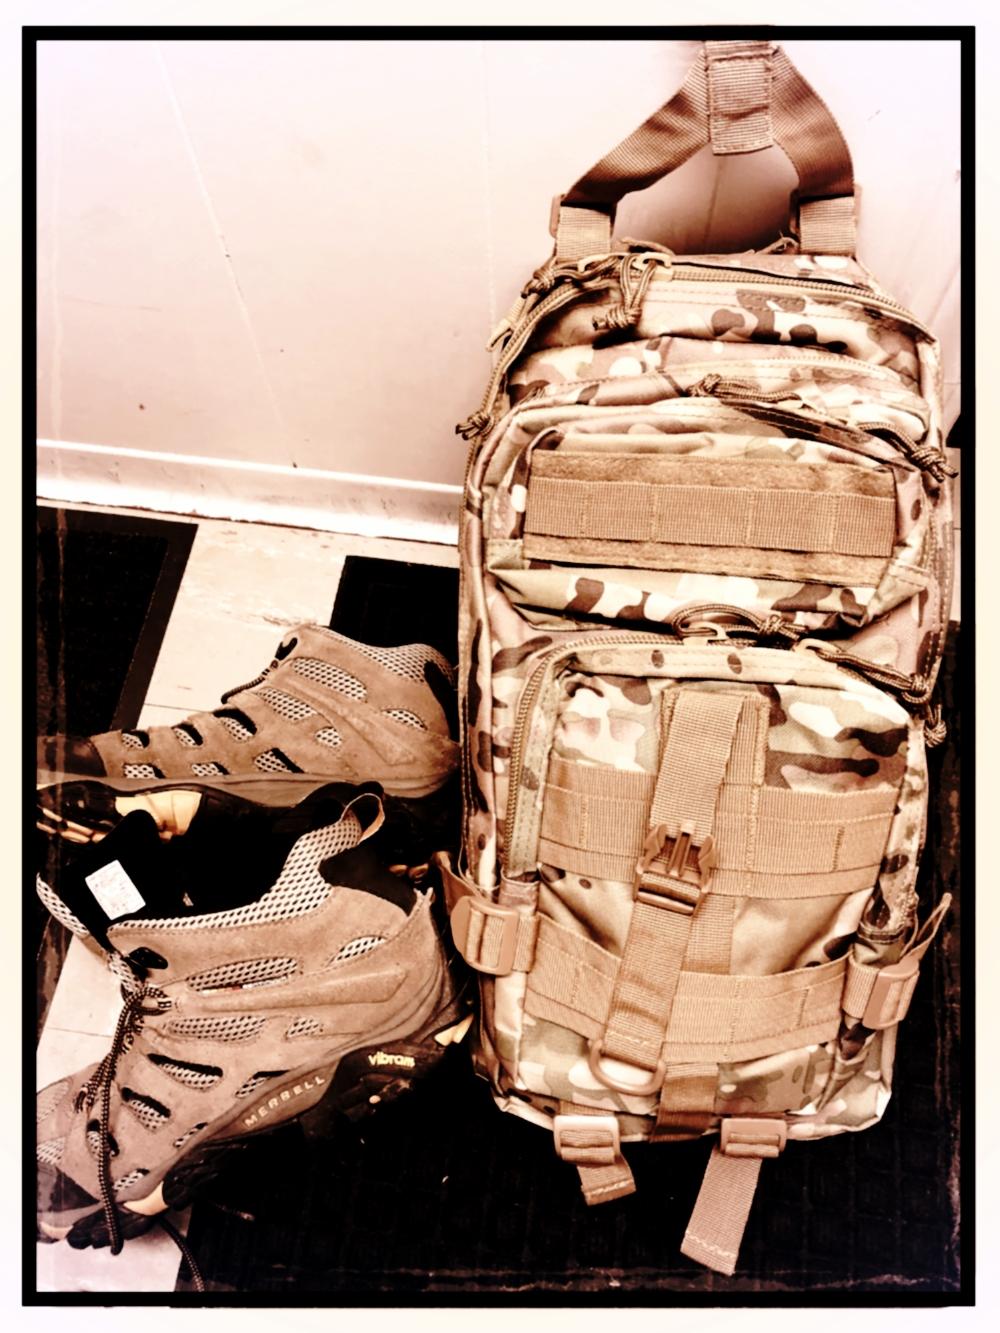 strength essentials 716 rucking gear